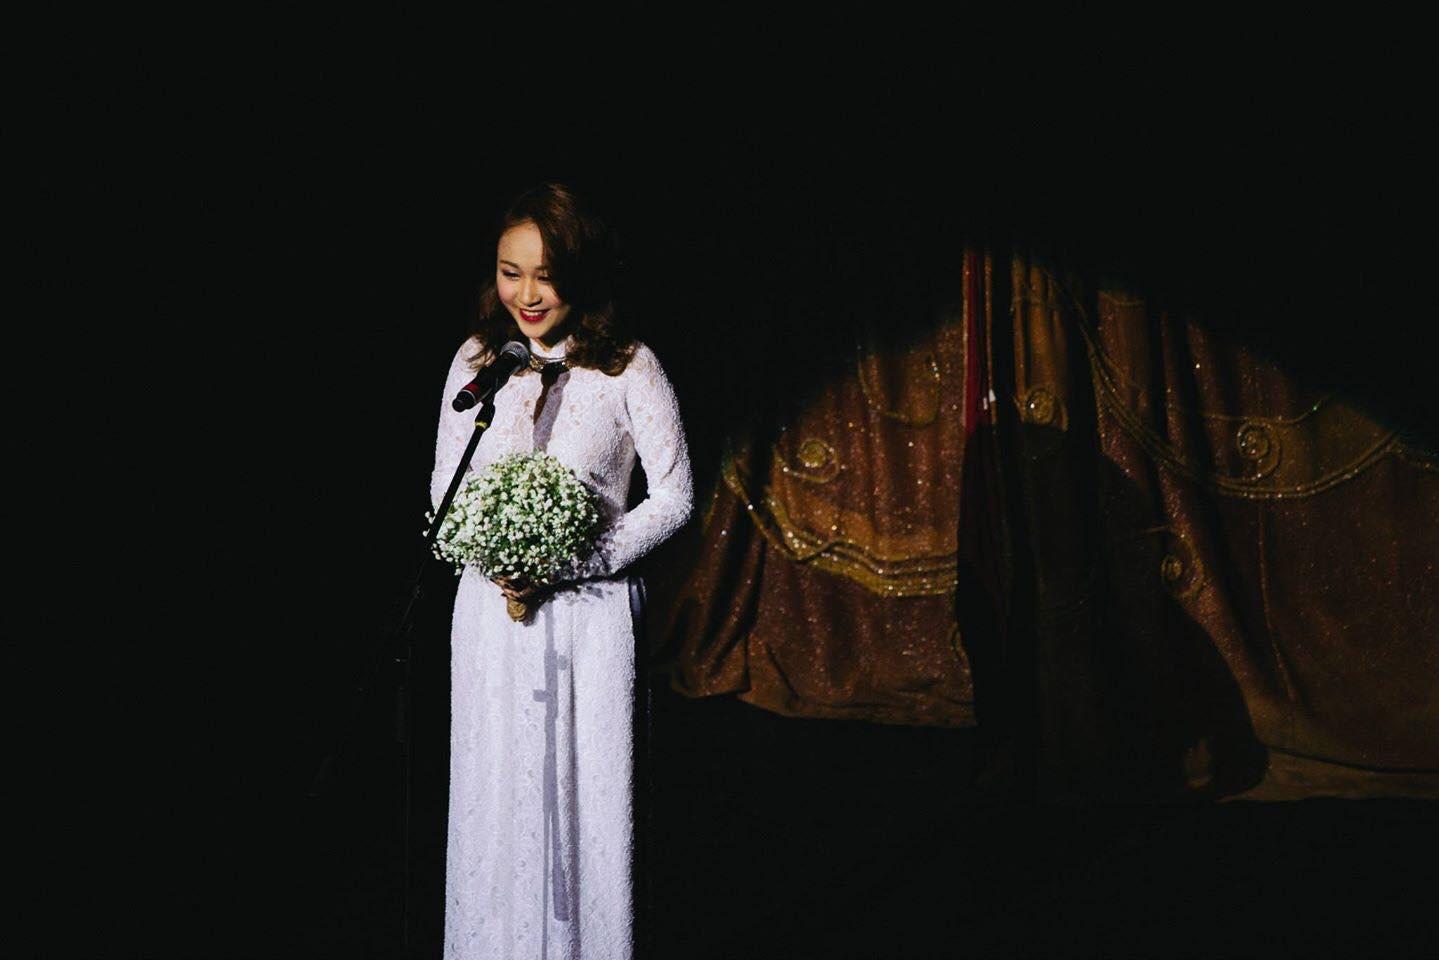 Điểm mặt 9 thiên kim tiểu thư nhà sao Việt: Xinh đẹp ngời ngời, không Hoa hậu thì cũng là mỹ nhân trong tương lai - Ảnh 37.